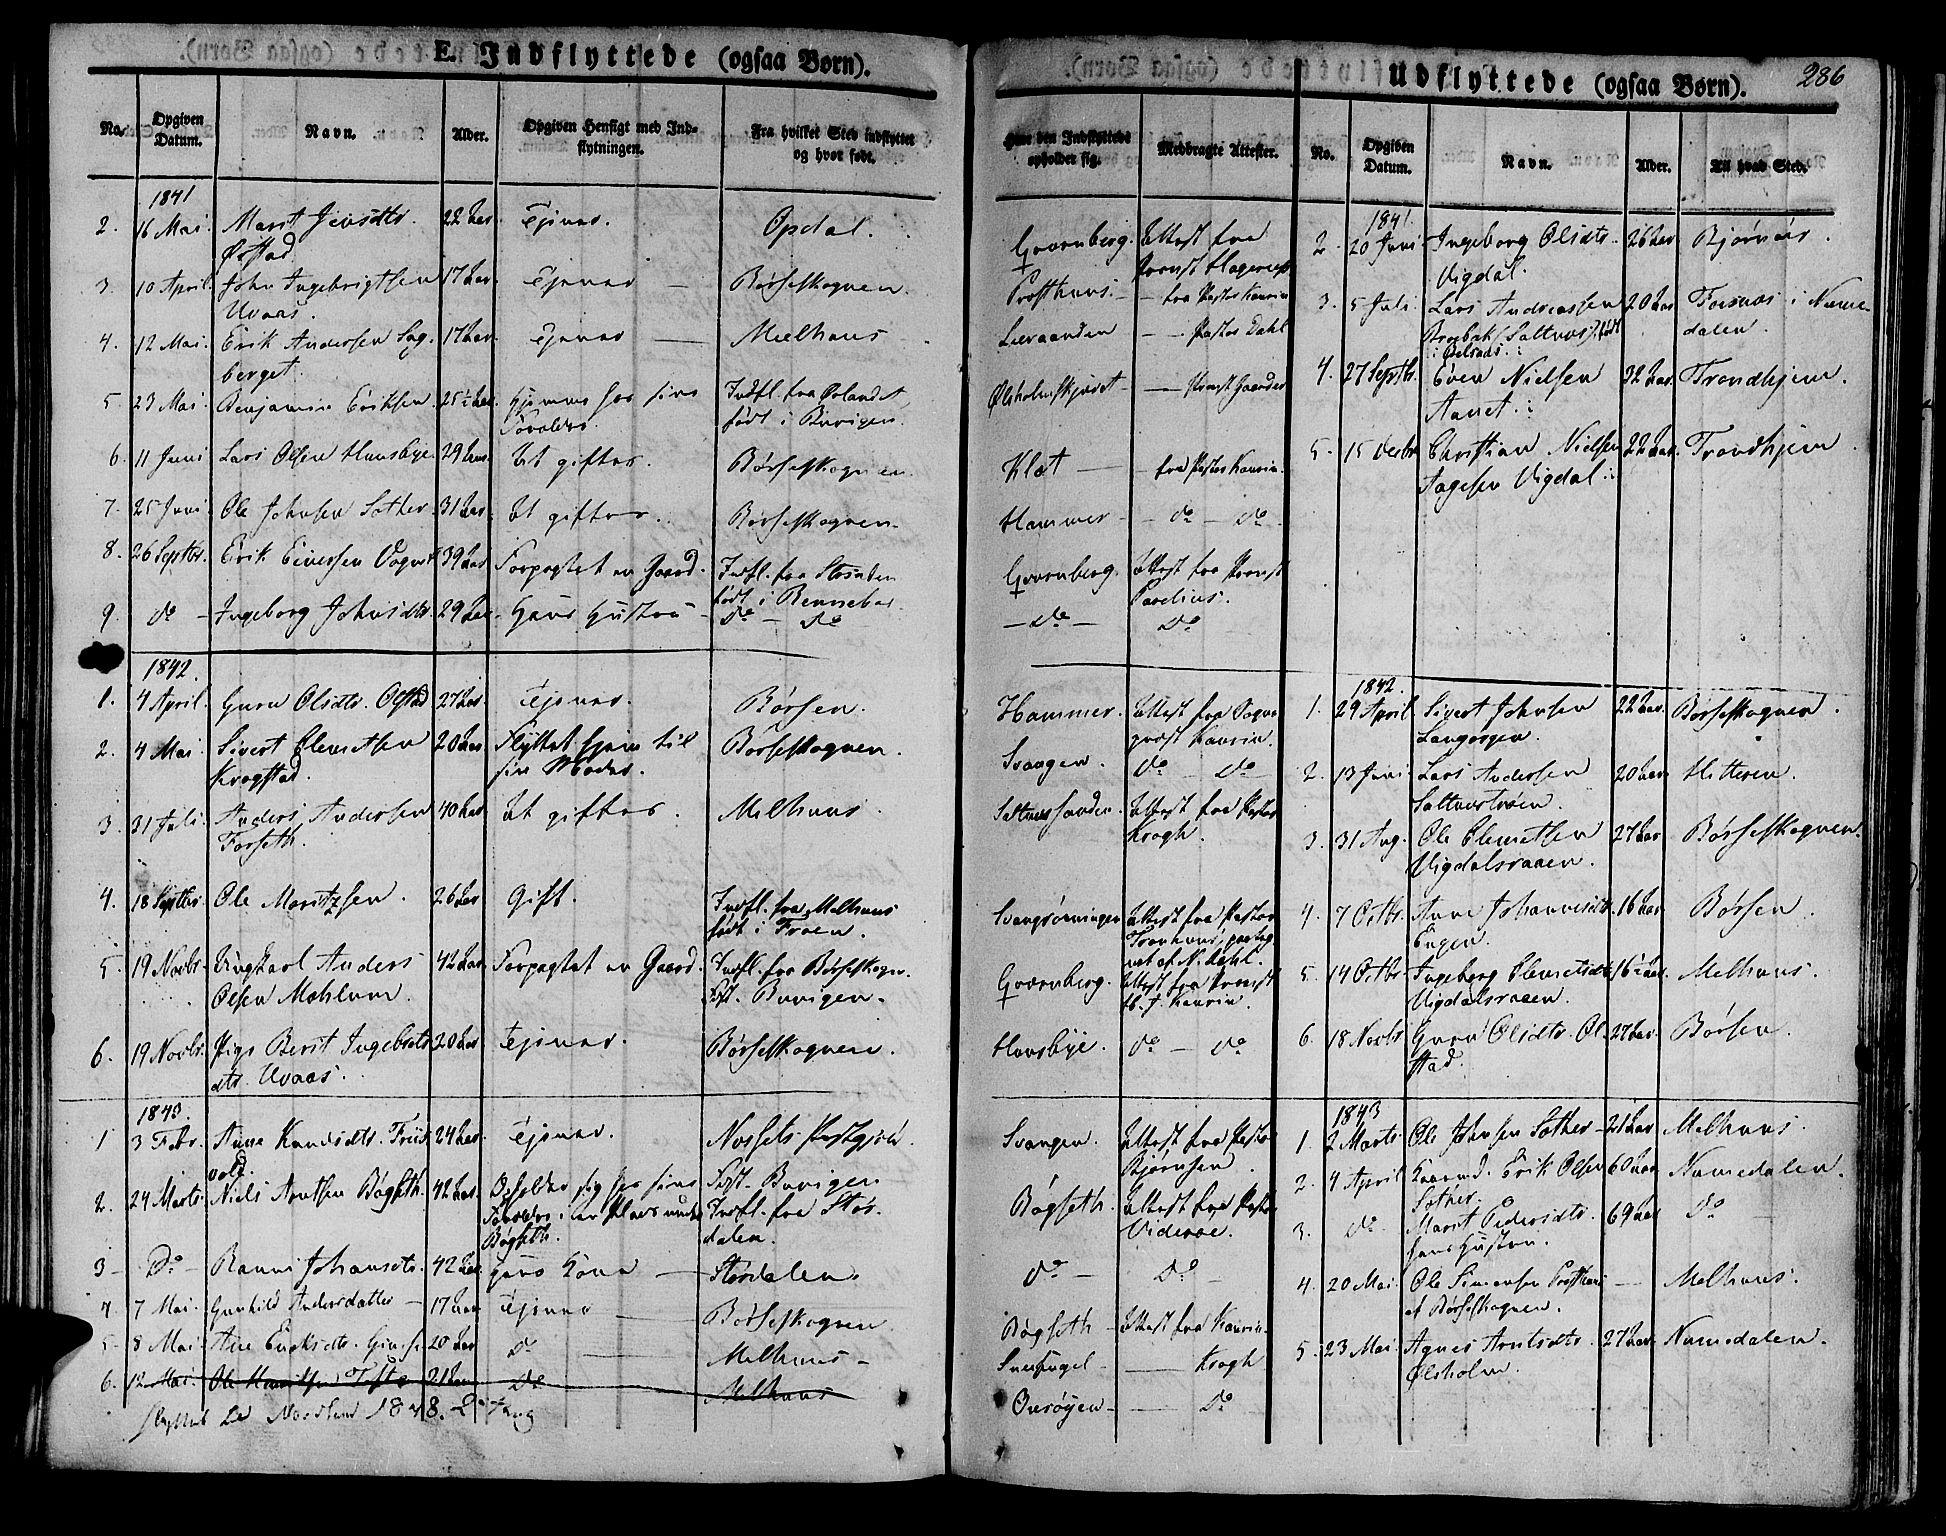 SAT, Ministerialprotokoller, klokkerbøker og fødselsregistre - Sør-Trøndelag, 612/L0375: Ministerialbok nr. 612A07 /2, 1829-1845, s. 286